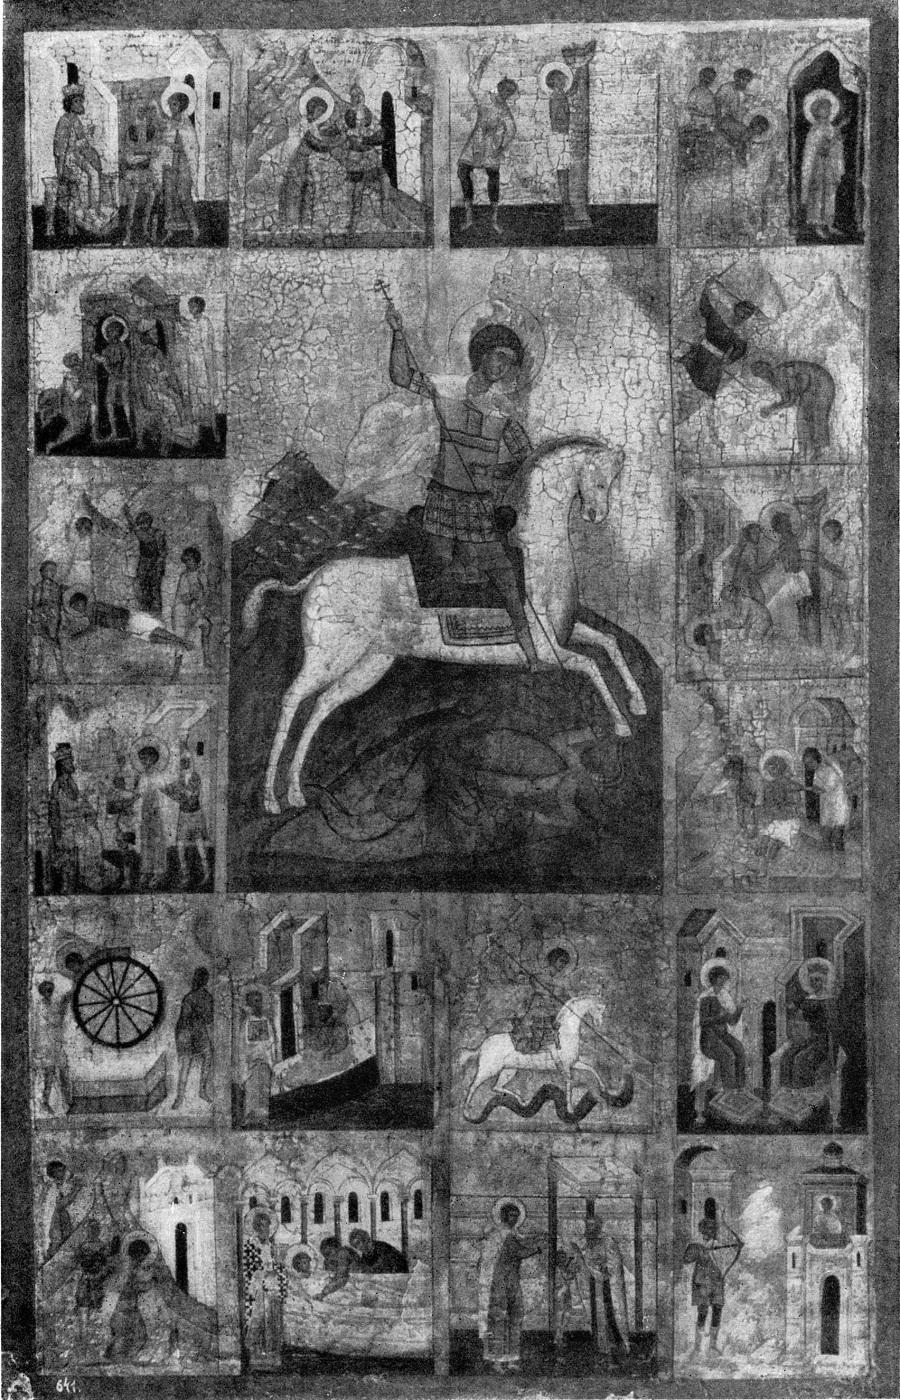 Чудо Георгия о змие, с житием Георгия. XV в. Покровский собор Рогожского кладбища, Москва, Россия